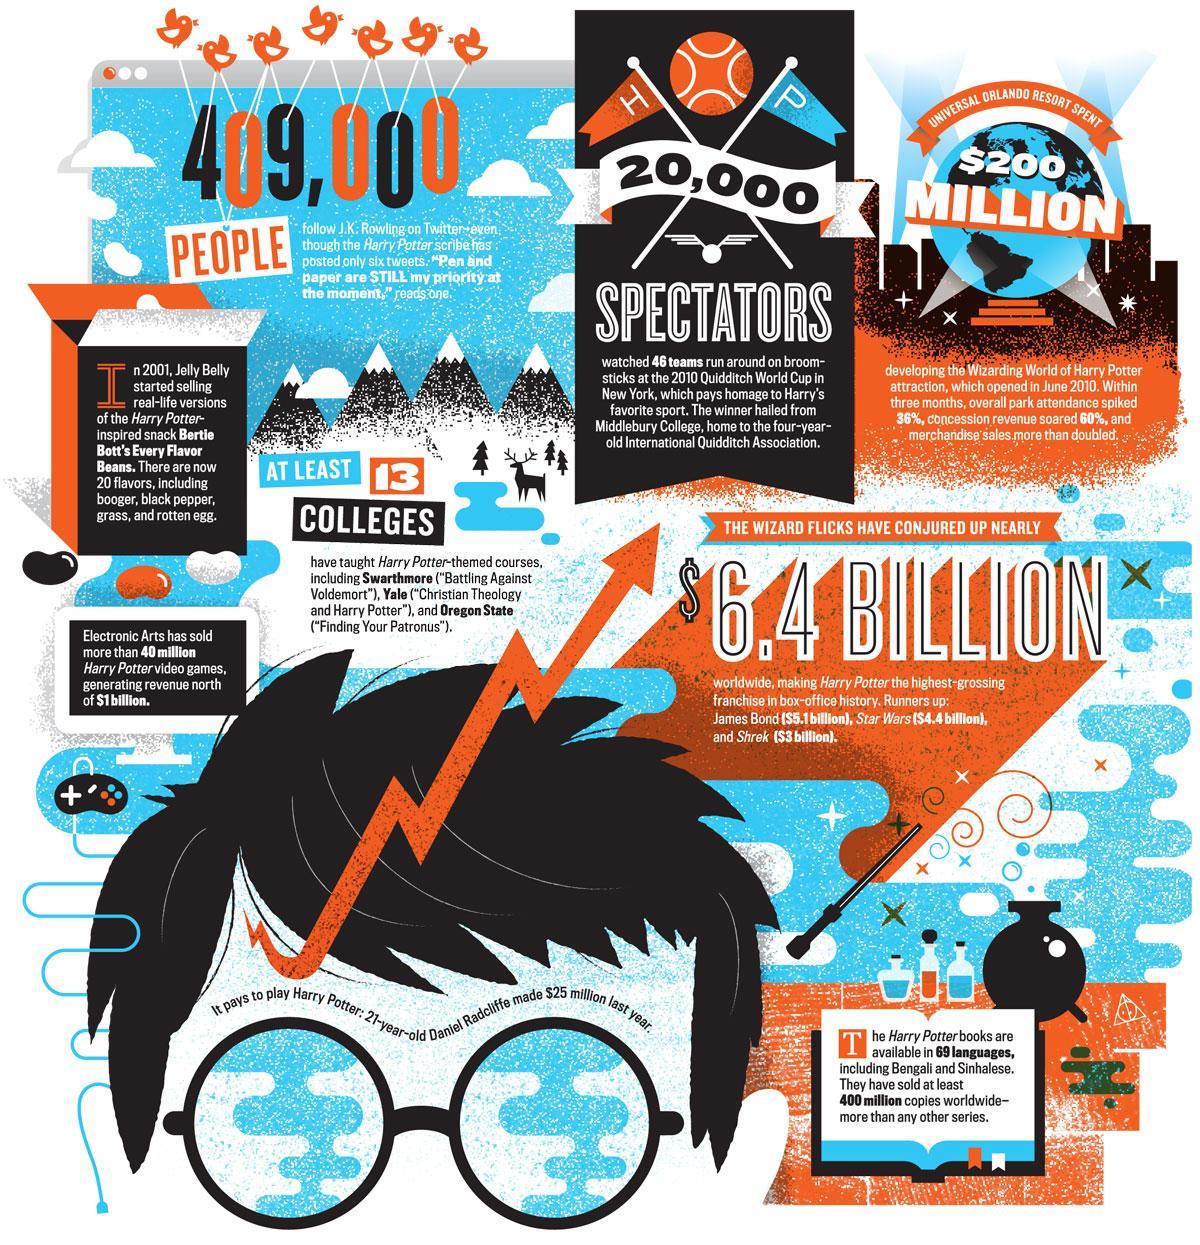 Le business Harry Potter et POTTERMORE